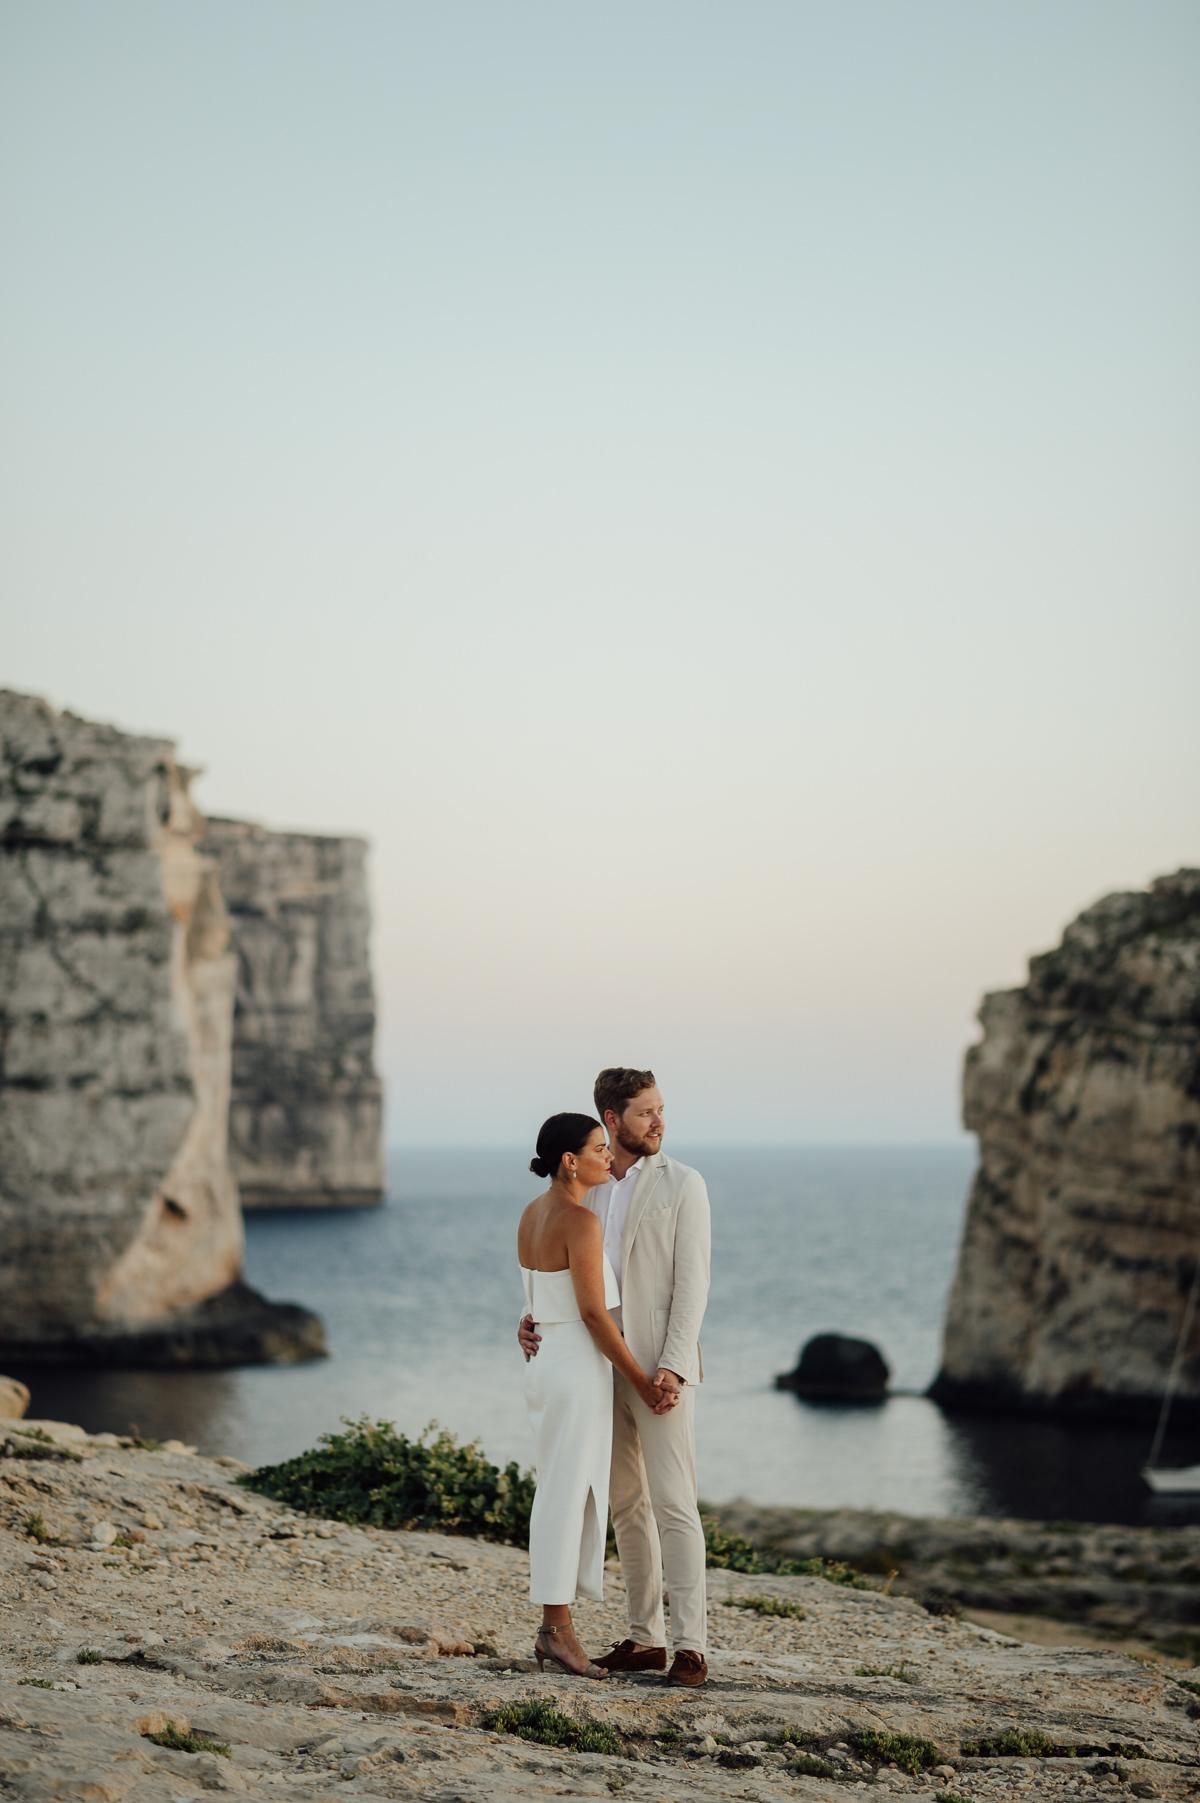 wedding photographer portraits in Gozo